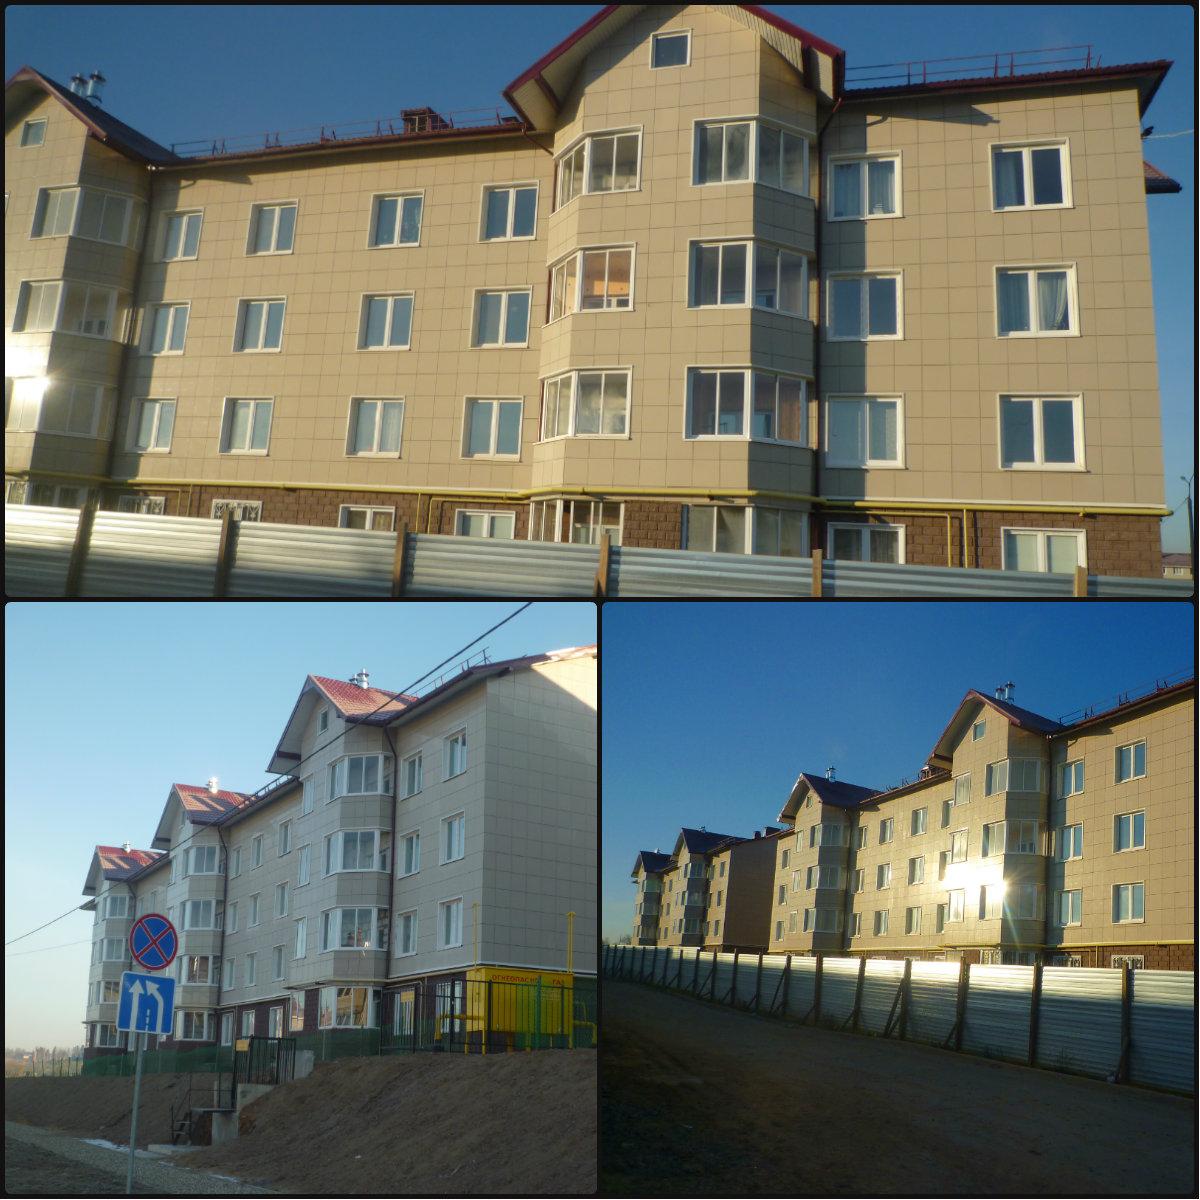 Облицовка зданий жилого квартала керамогранитом г. Истра